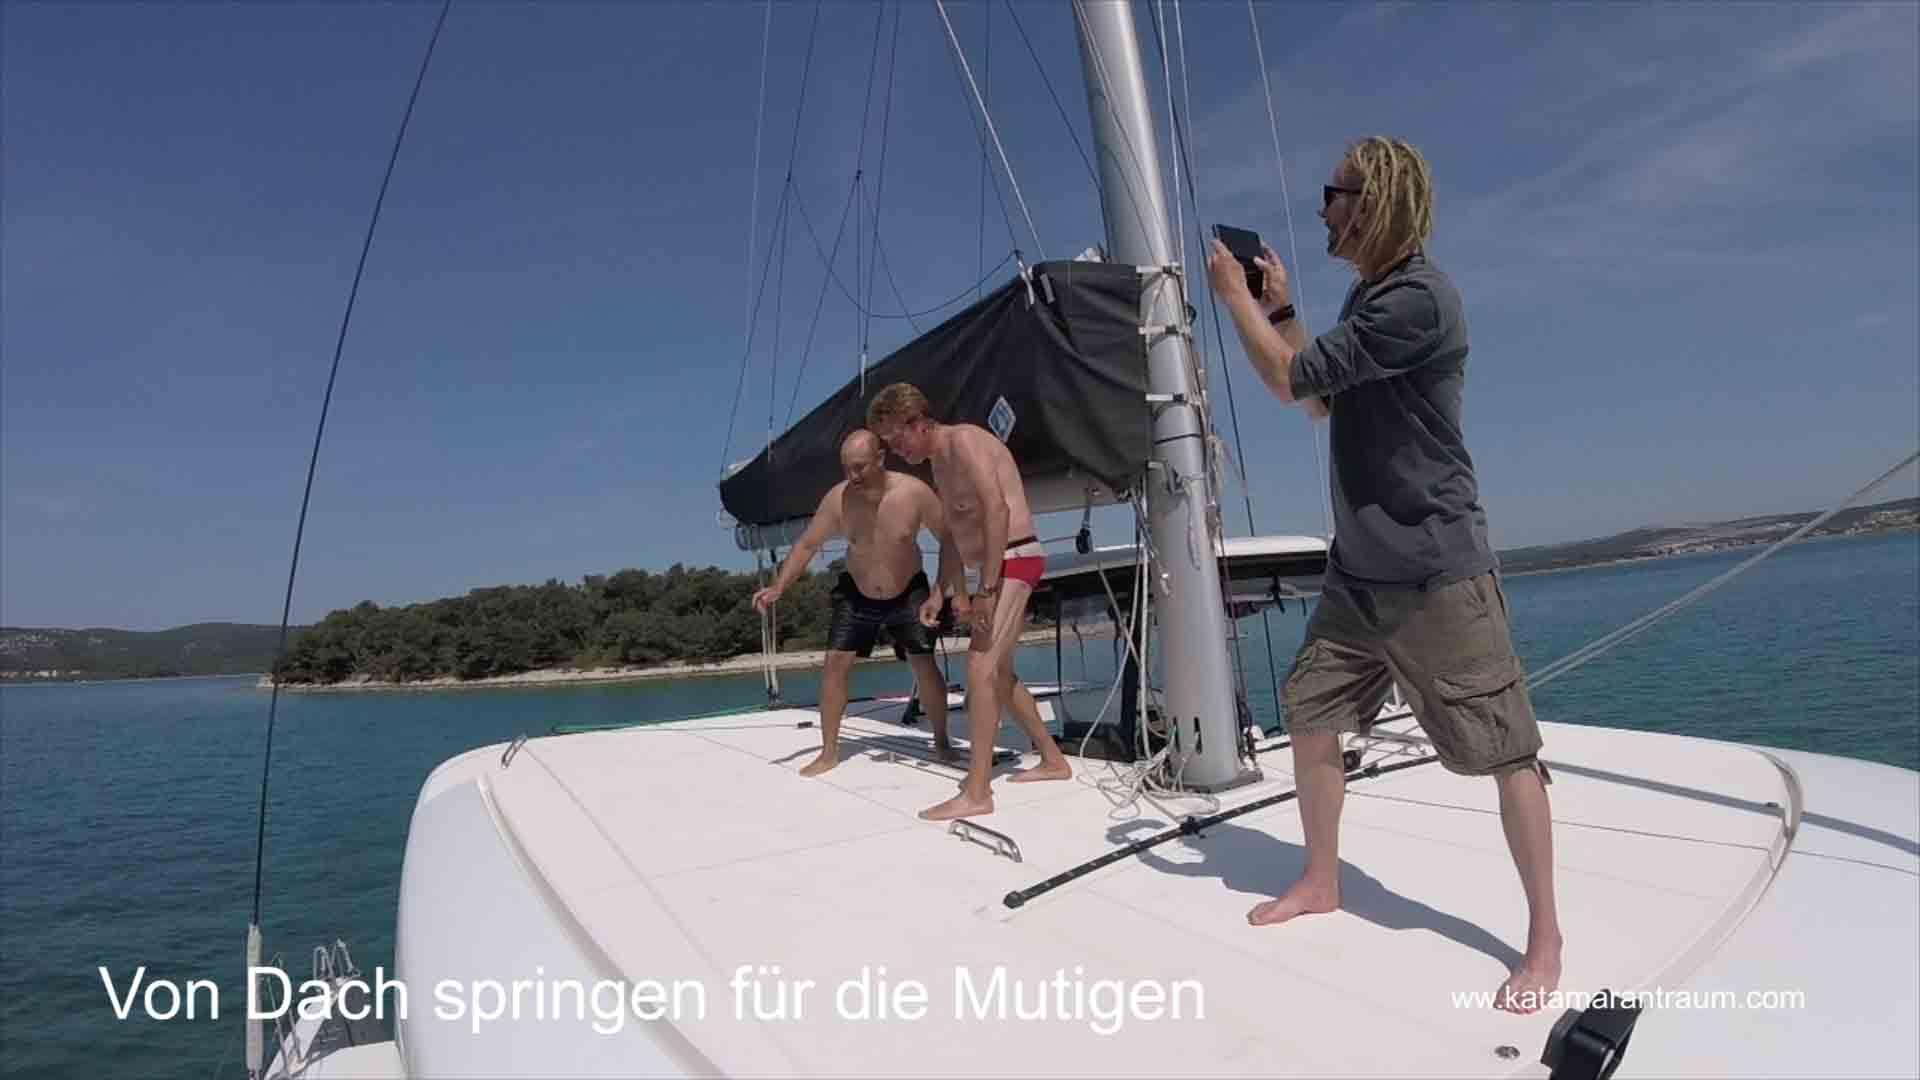 Mutige Katamarantraining Teilnehmer springen von Dach Lagoon 42 JANNY